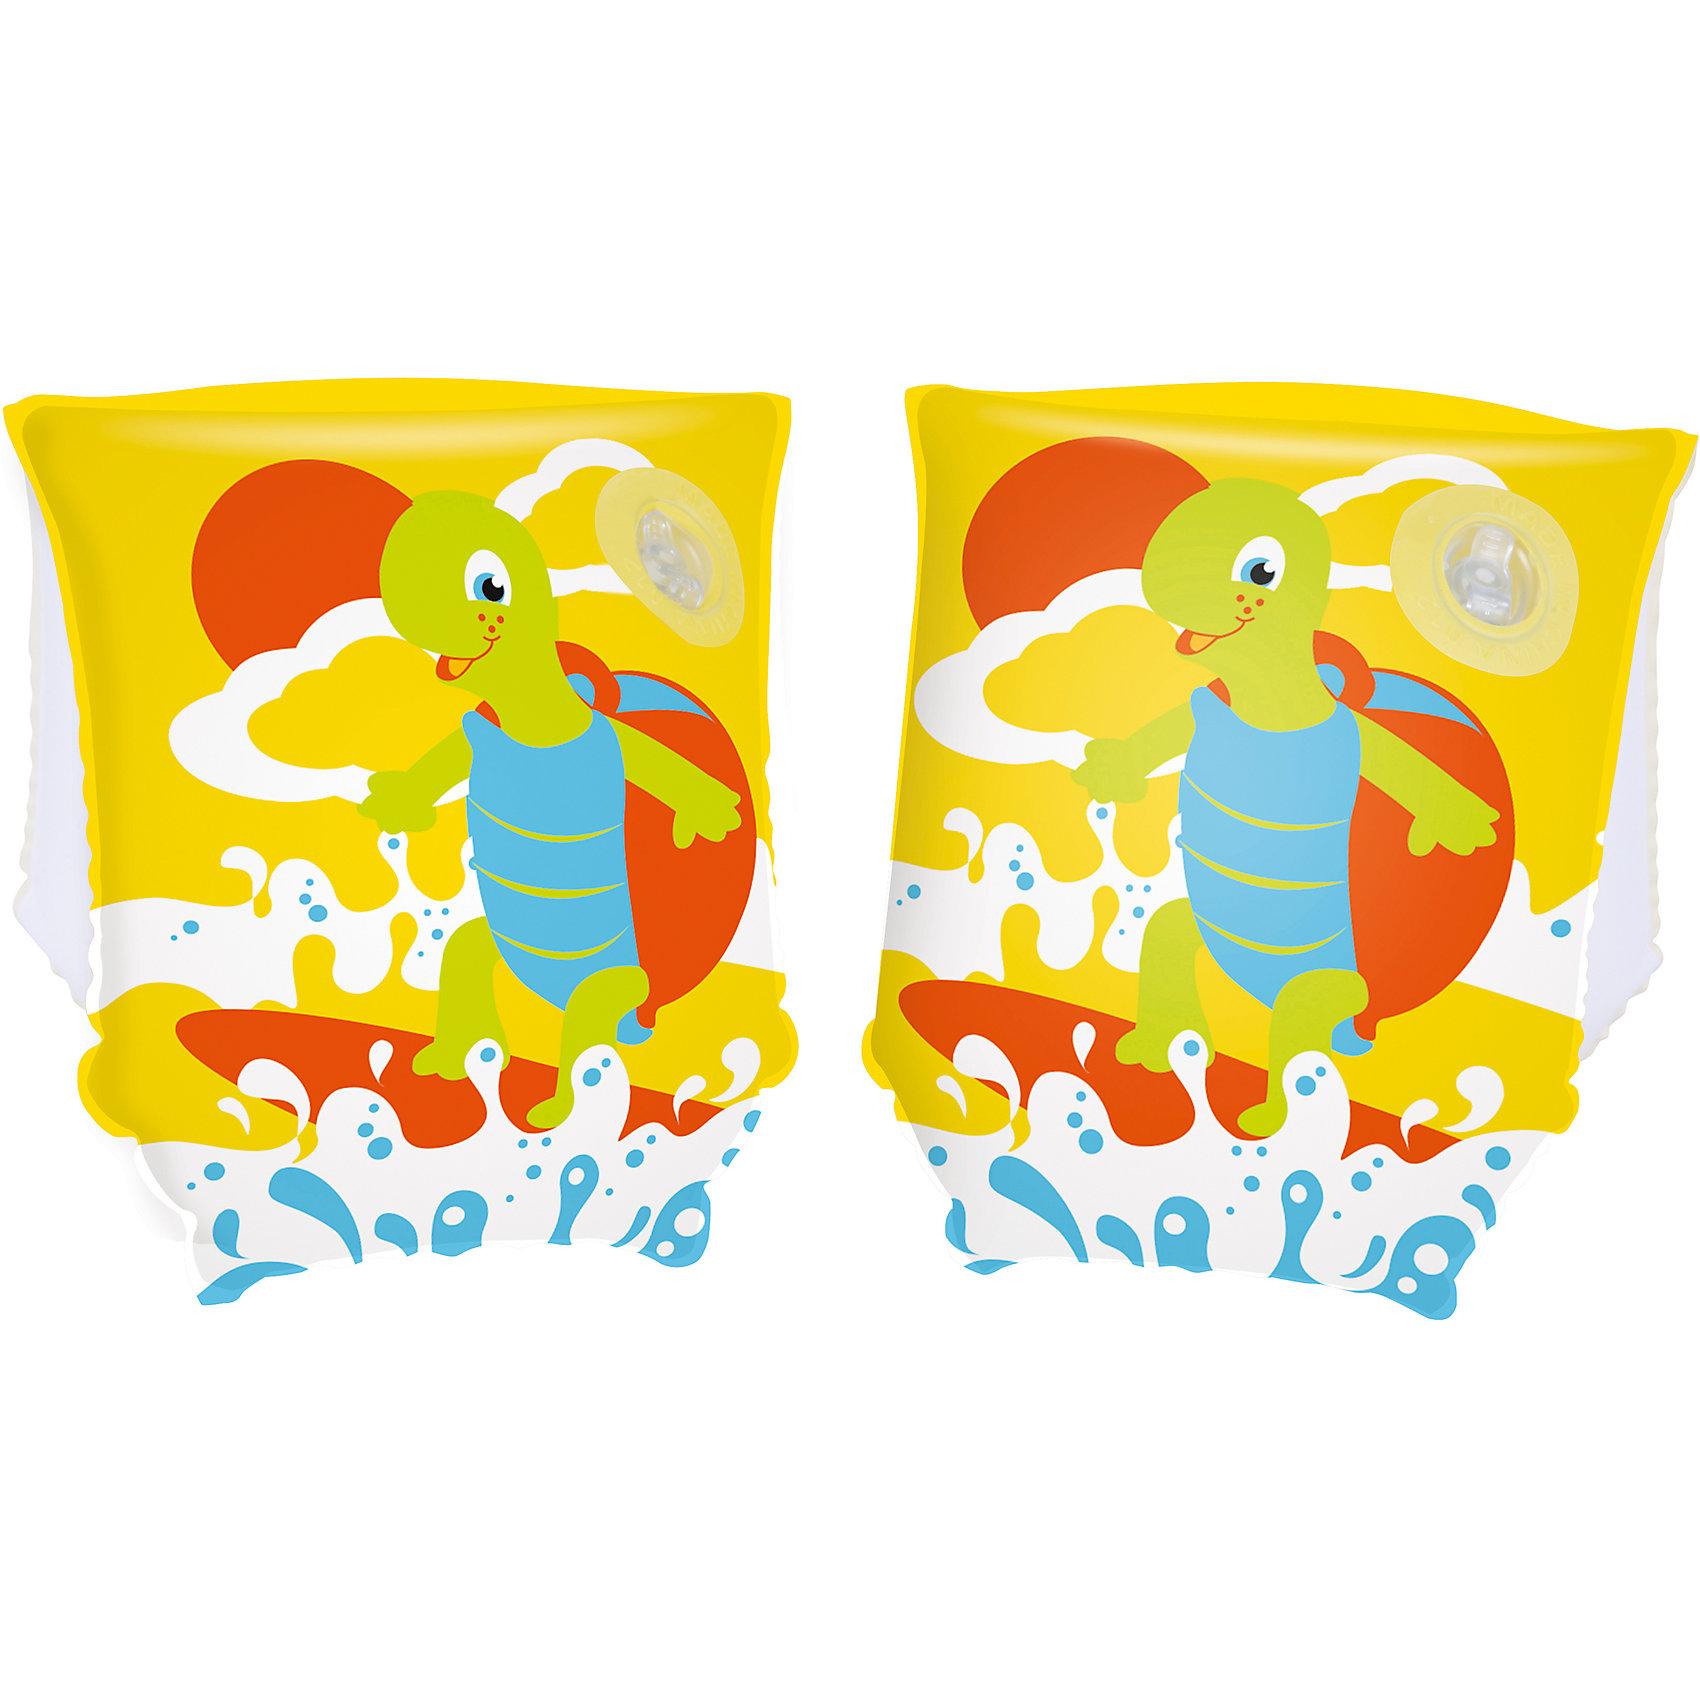 Нарукавники для плавания Черепашки, Bestway, желтыеКруги и нарукавники<br>Нарукавники для плавания Черепашки, Bestway (Бествей), желтые<br><br>Характеристики:<br><br>• яркий дизайн<br>• размер: 23х15<br>• материал: ПВХ<br>• вес: 86 грамм<br>• цвет: желтый<br><br>Нарукавника Bestway предназначены для плавания ребенка рядом с родителями. Они обеспечат безопасность малыша во время нахождения во воде. Нарукавники выполнены из прочного ПВХ и оформлены красочным изображением веселой черепашки. Две камеры помогут вам контролировать количество воздуха. Размер нарукавников - 23х15 сантиметров.<br><br>Нарукавники для плавания Черепашки, Bestway (Бествей), желтые вы можете купить в нашем интернет-магазине.<br><br>Ширина мм: 320<br>Глубина мм: 290<br>Высота мм: 180<br>Вес г: 86<br>Возраст от месяцев: 36<br>Возраст до месяцев: 72<br>Пол: Унисекс<br>Возраст: Детский<br>SKU: 5486997